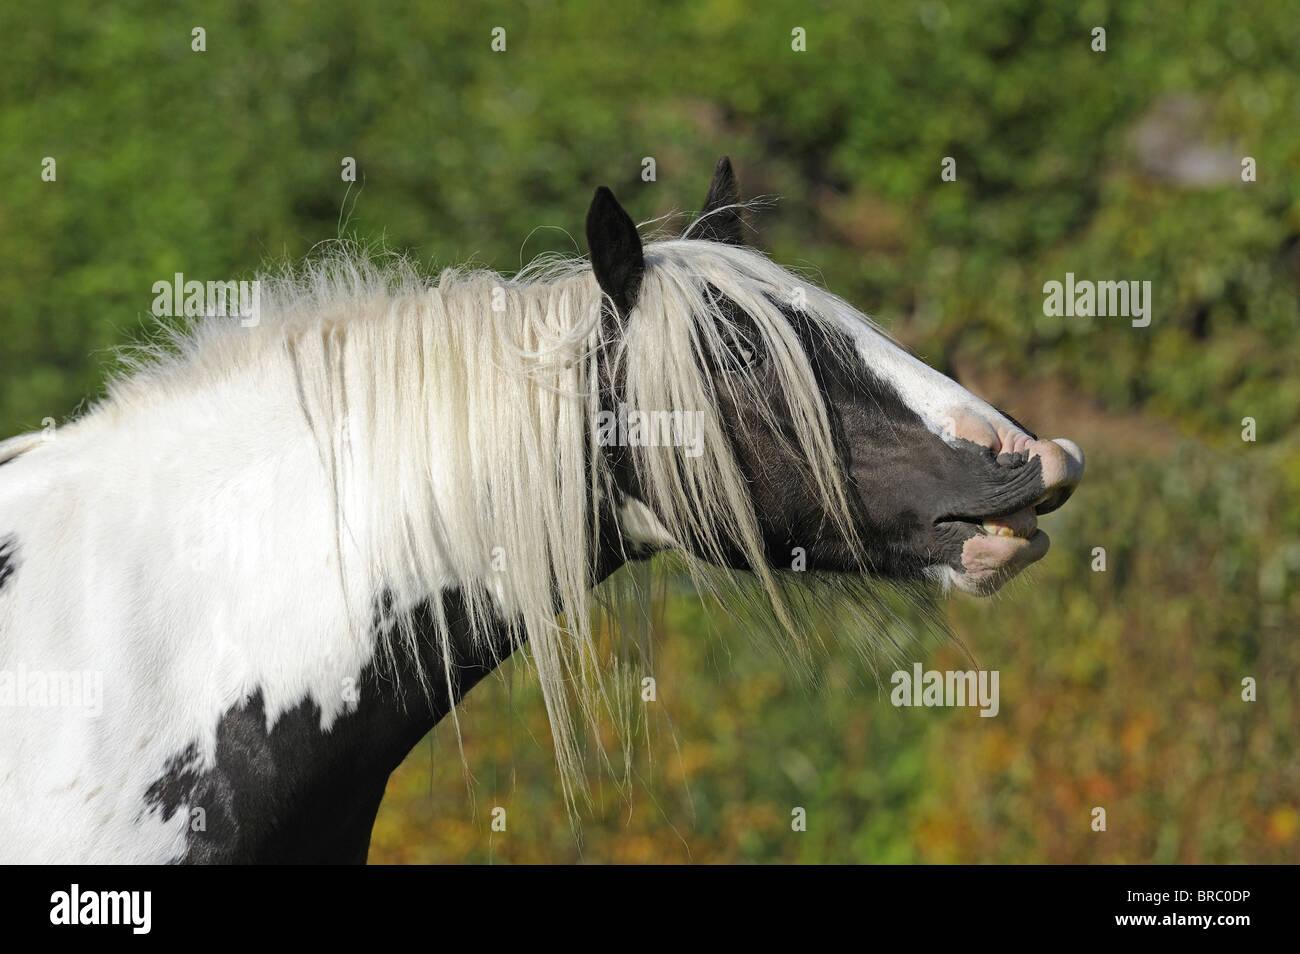 Gypsy Vanner Pferd (Equus Ferus Caballus), Stute, die das Flehmen zu tun. Stockbild